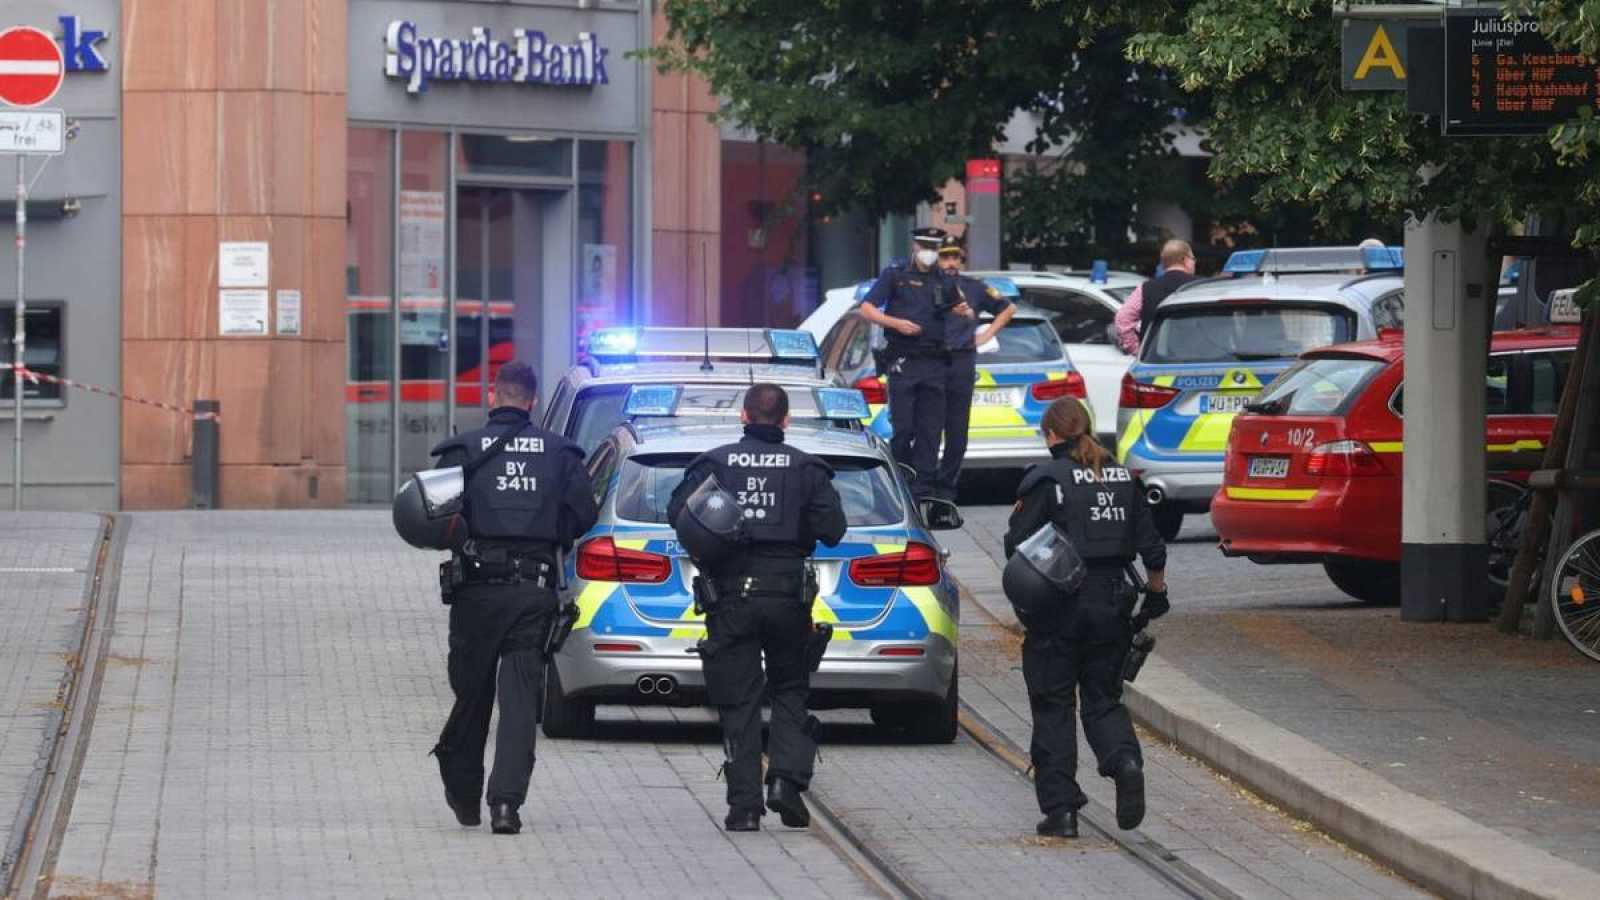 Agentes de policía aseguran el centro de la ciudad en Wuerzburg, en el sur de Alemania, tras un ataque con cuchillo.